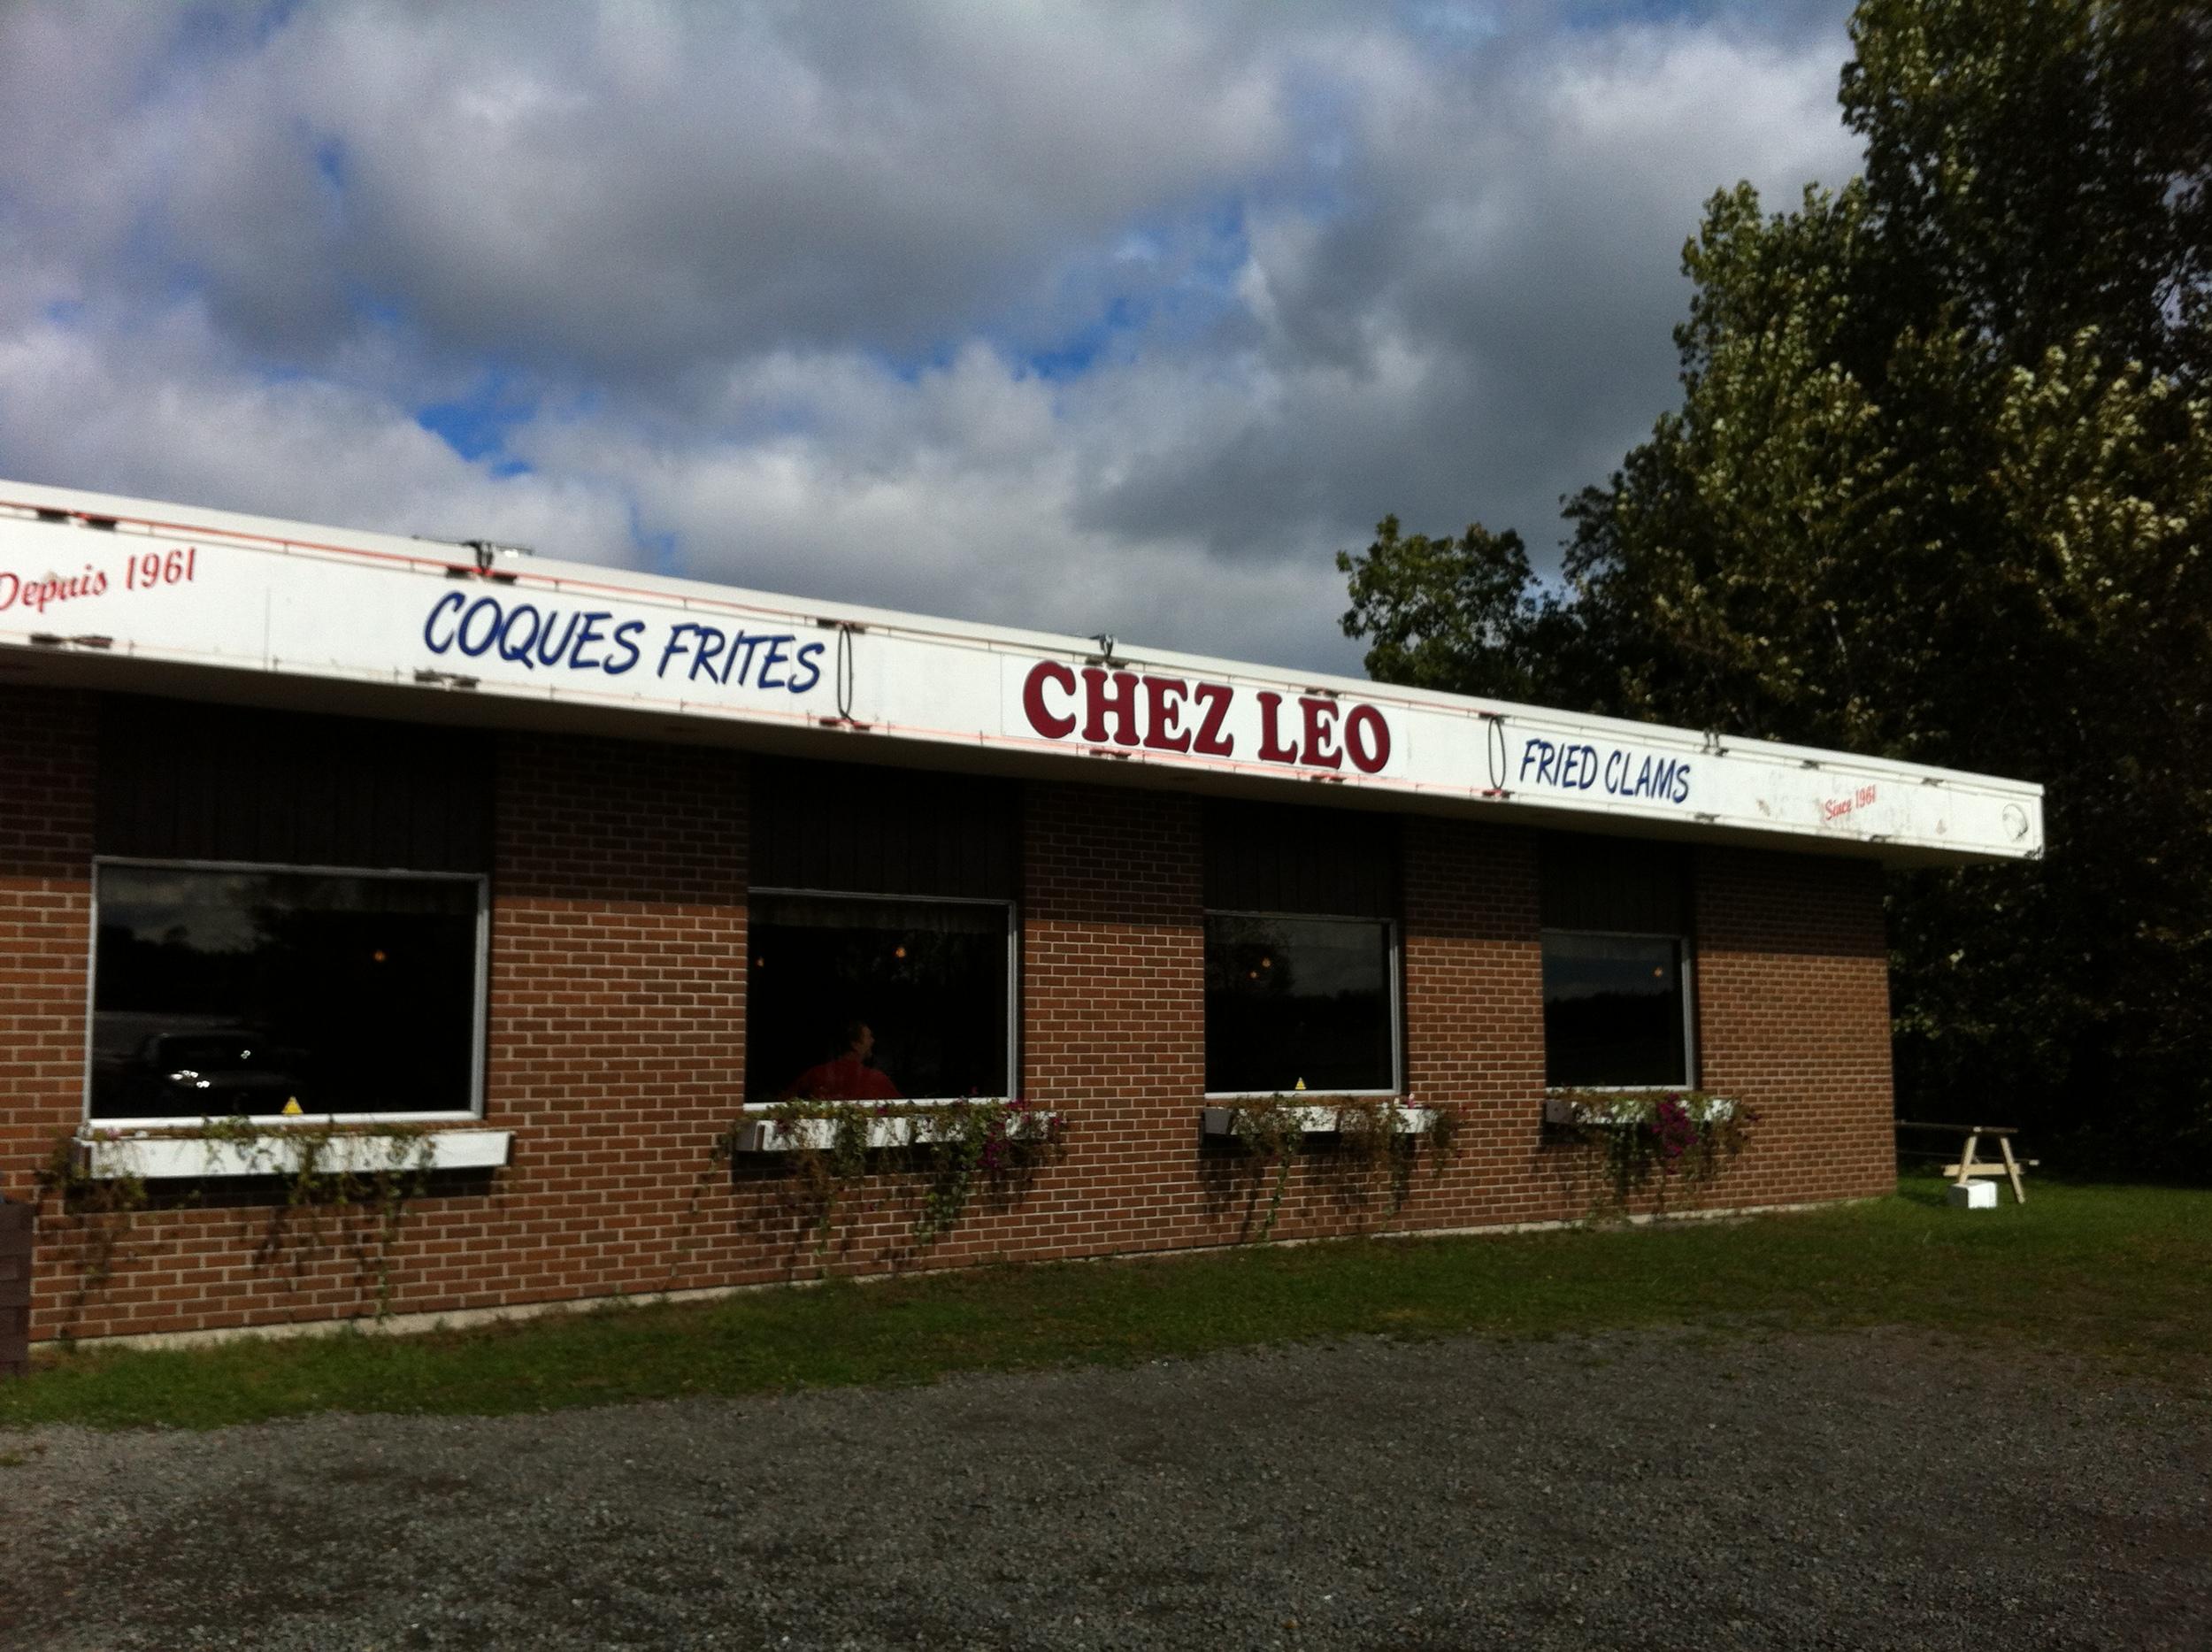 Chez Leo's fried clams